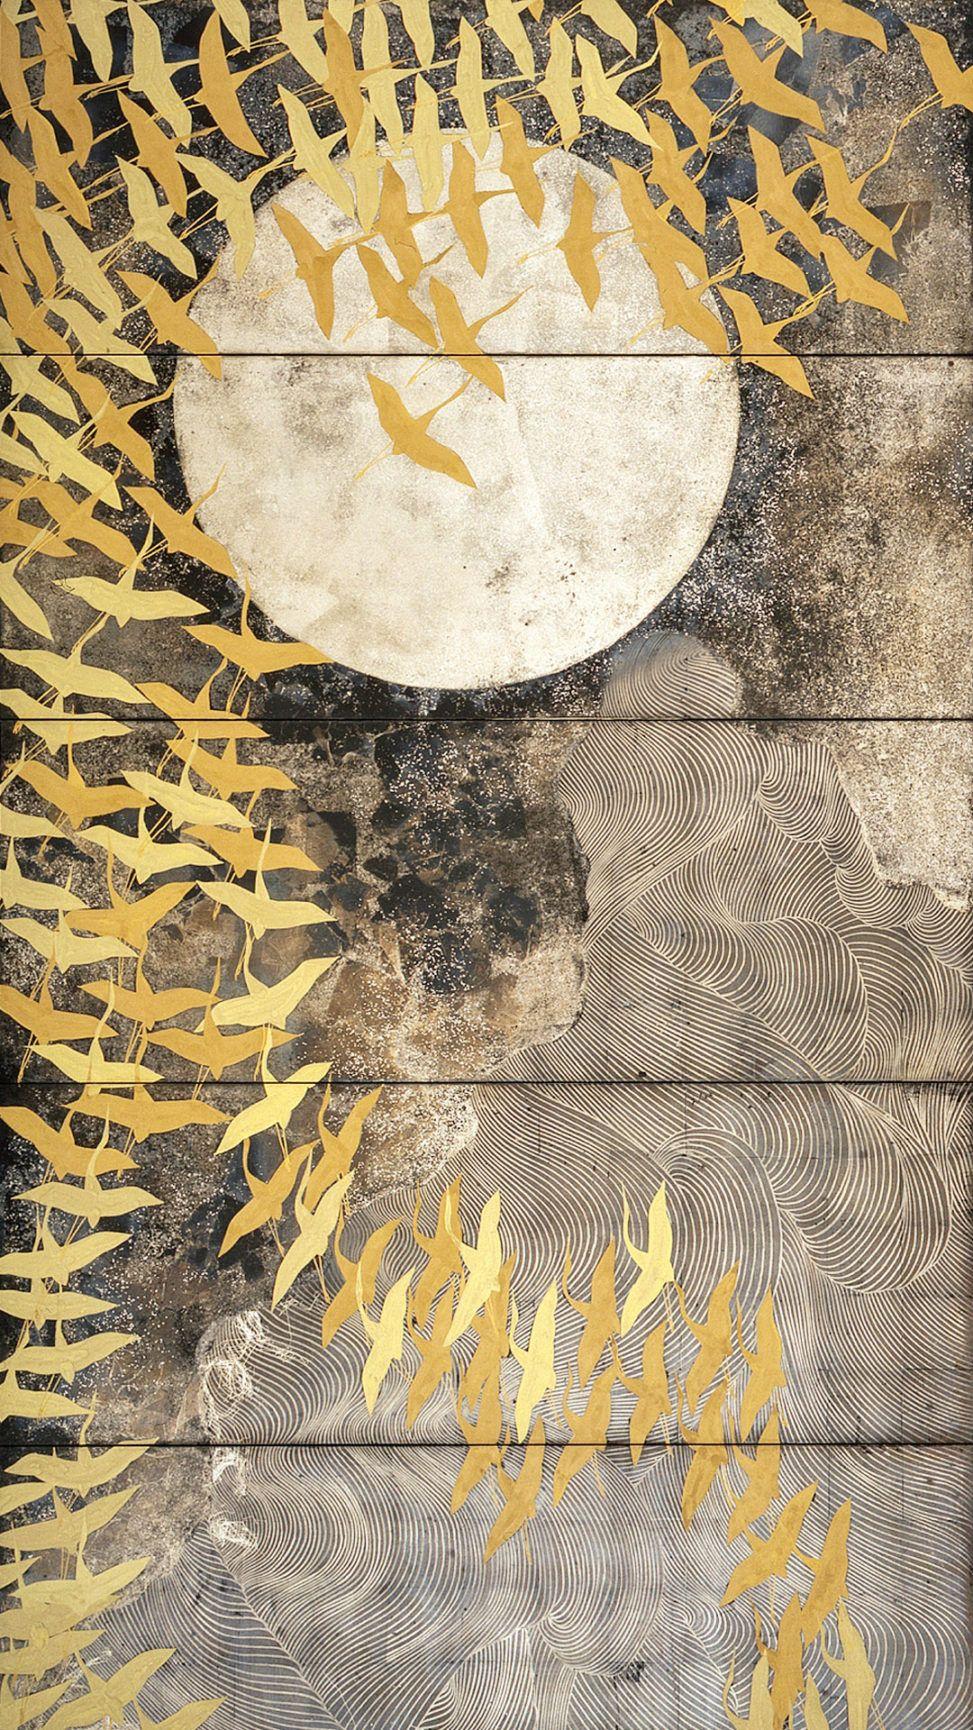 加山又造 千羽鶴 2020 アートのアイデア ペインティング 日本画